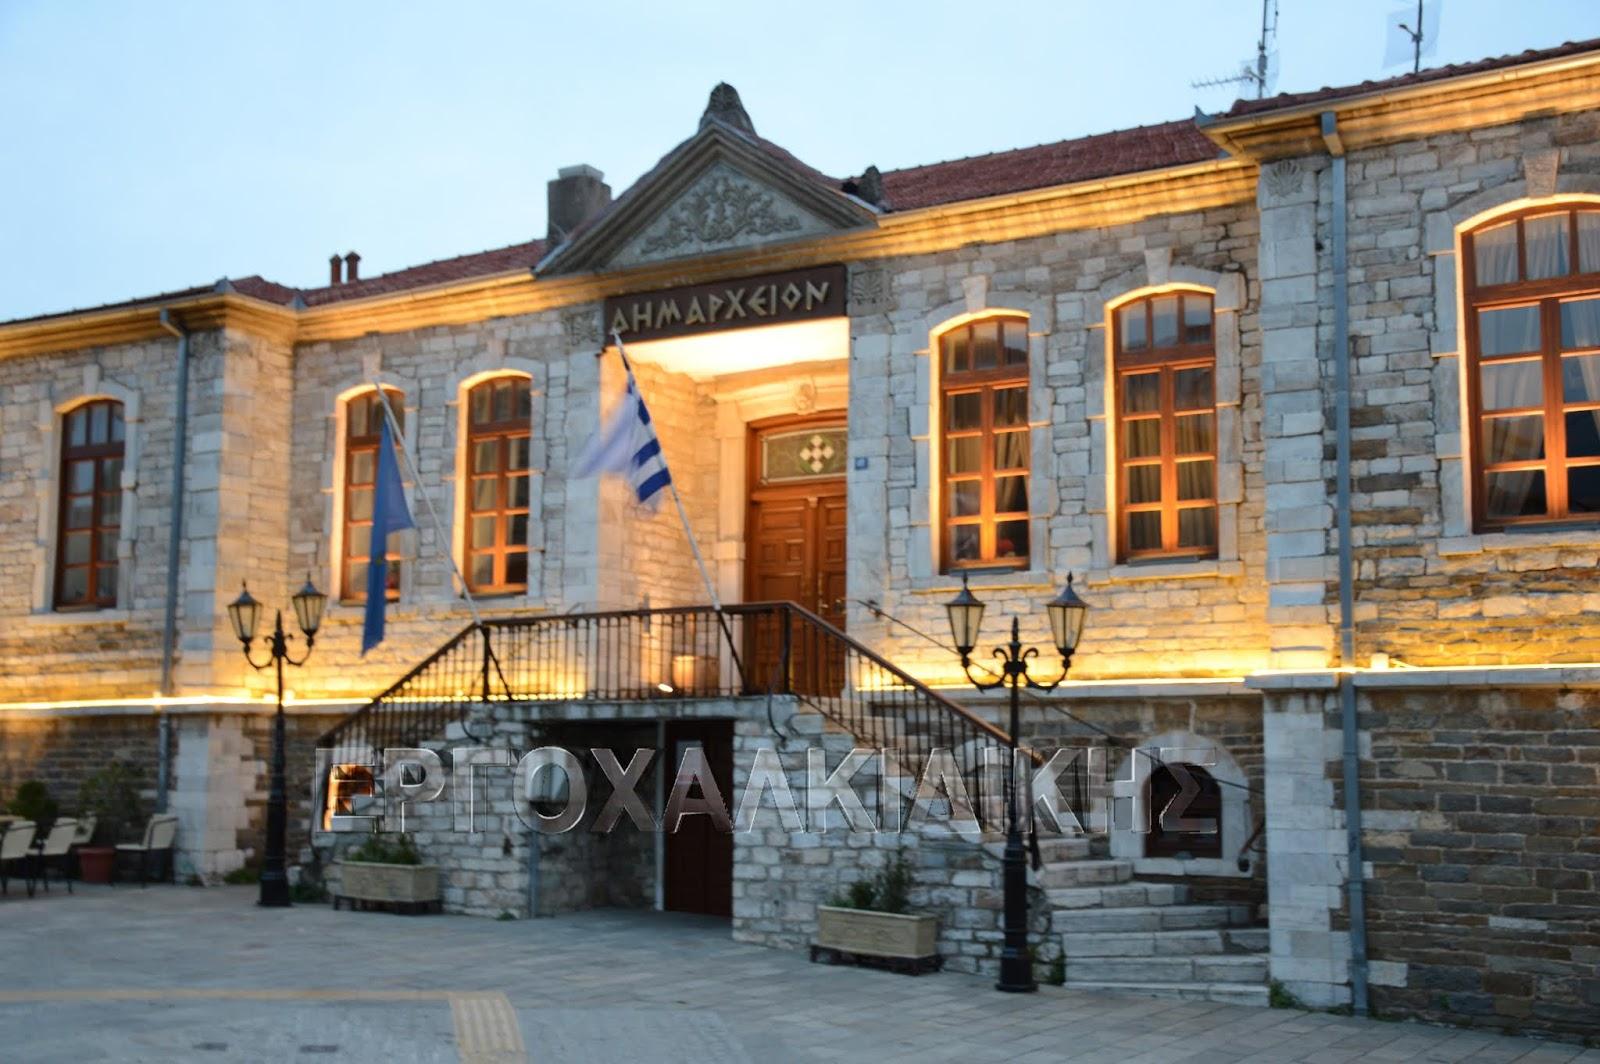 Στις  25/8/2019 η  ορκομωσία της νέας Δημοτικής Αρχής στον Πολύγυρο